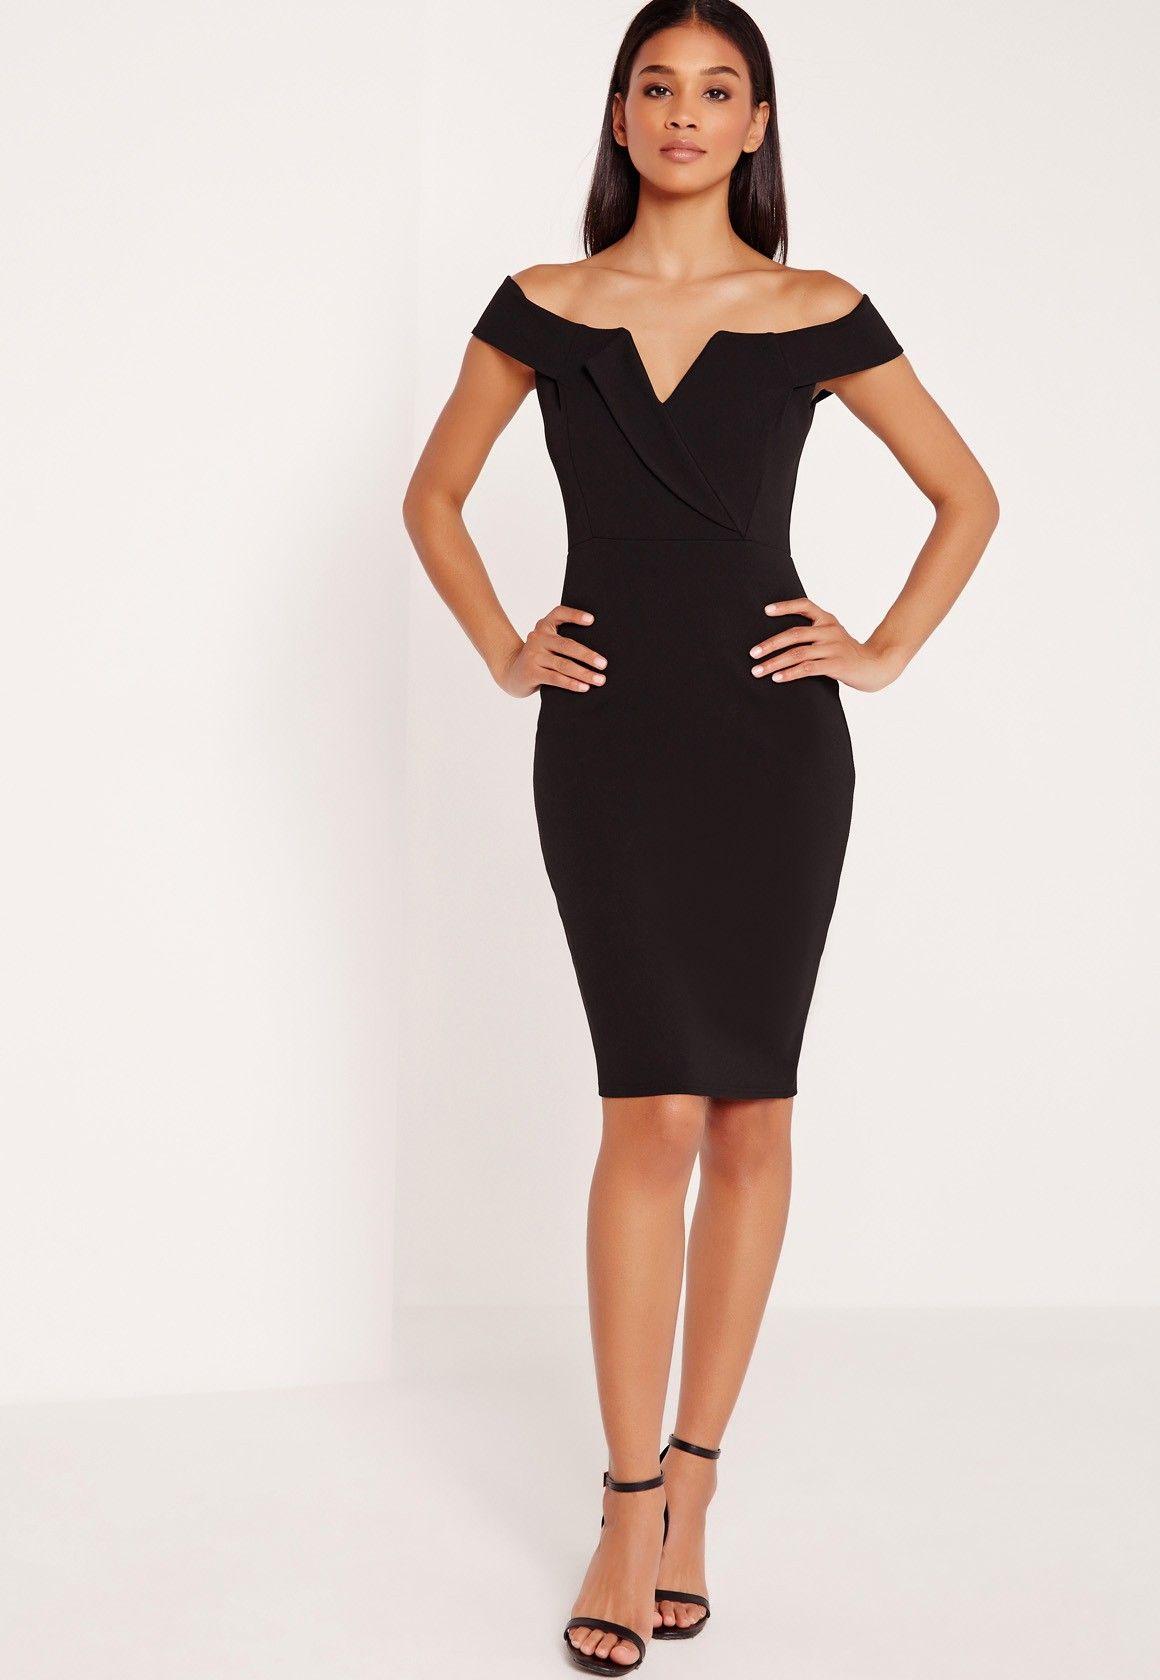 Élégante, chic et tellement féminine, cette robe moulante noire vous fera  une\u2026 http